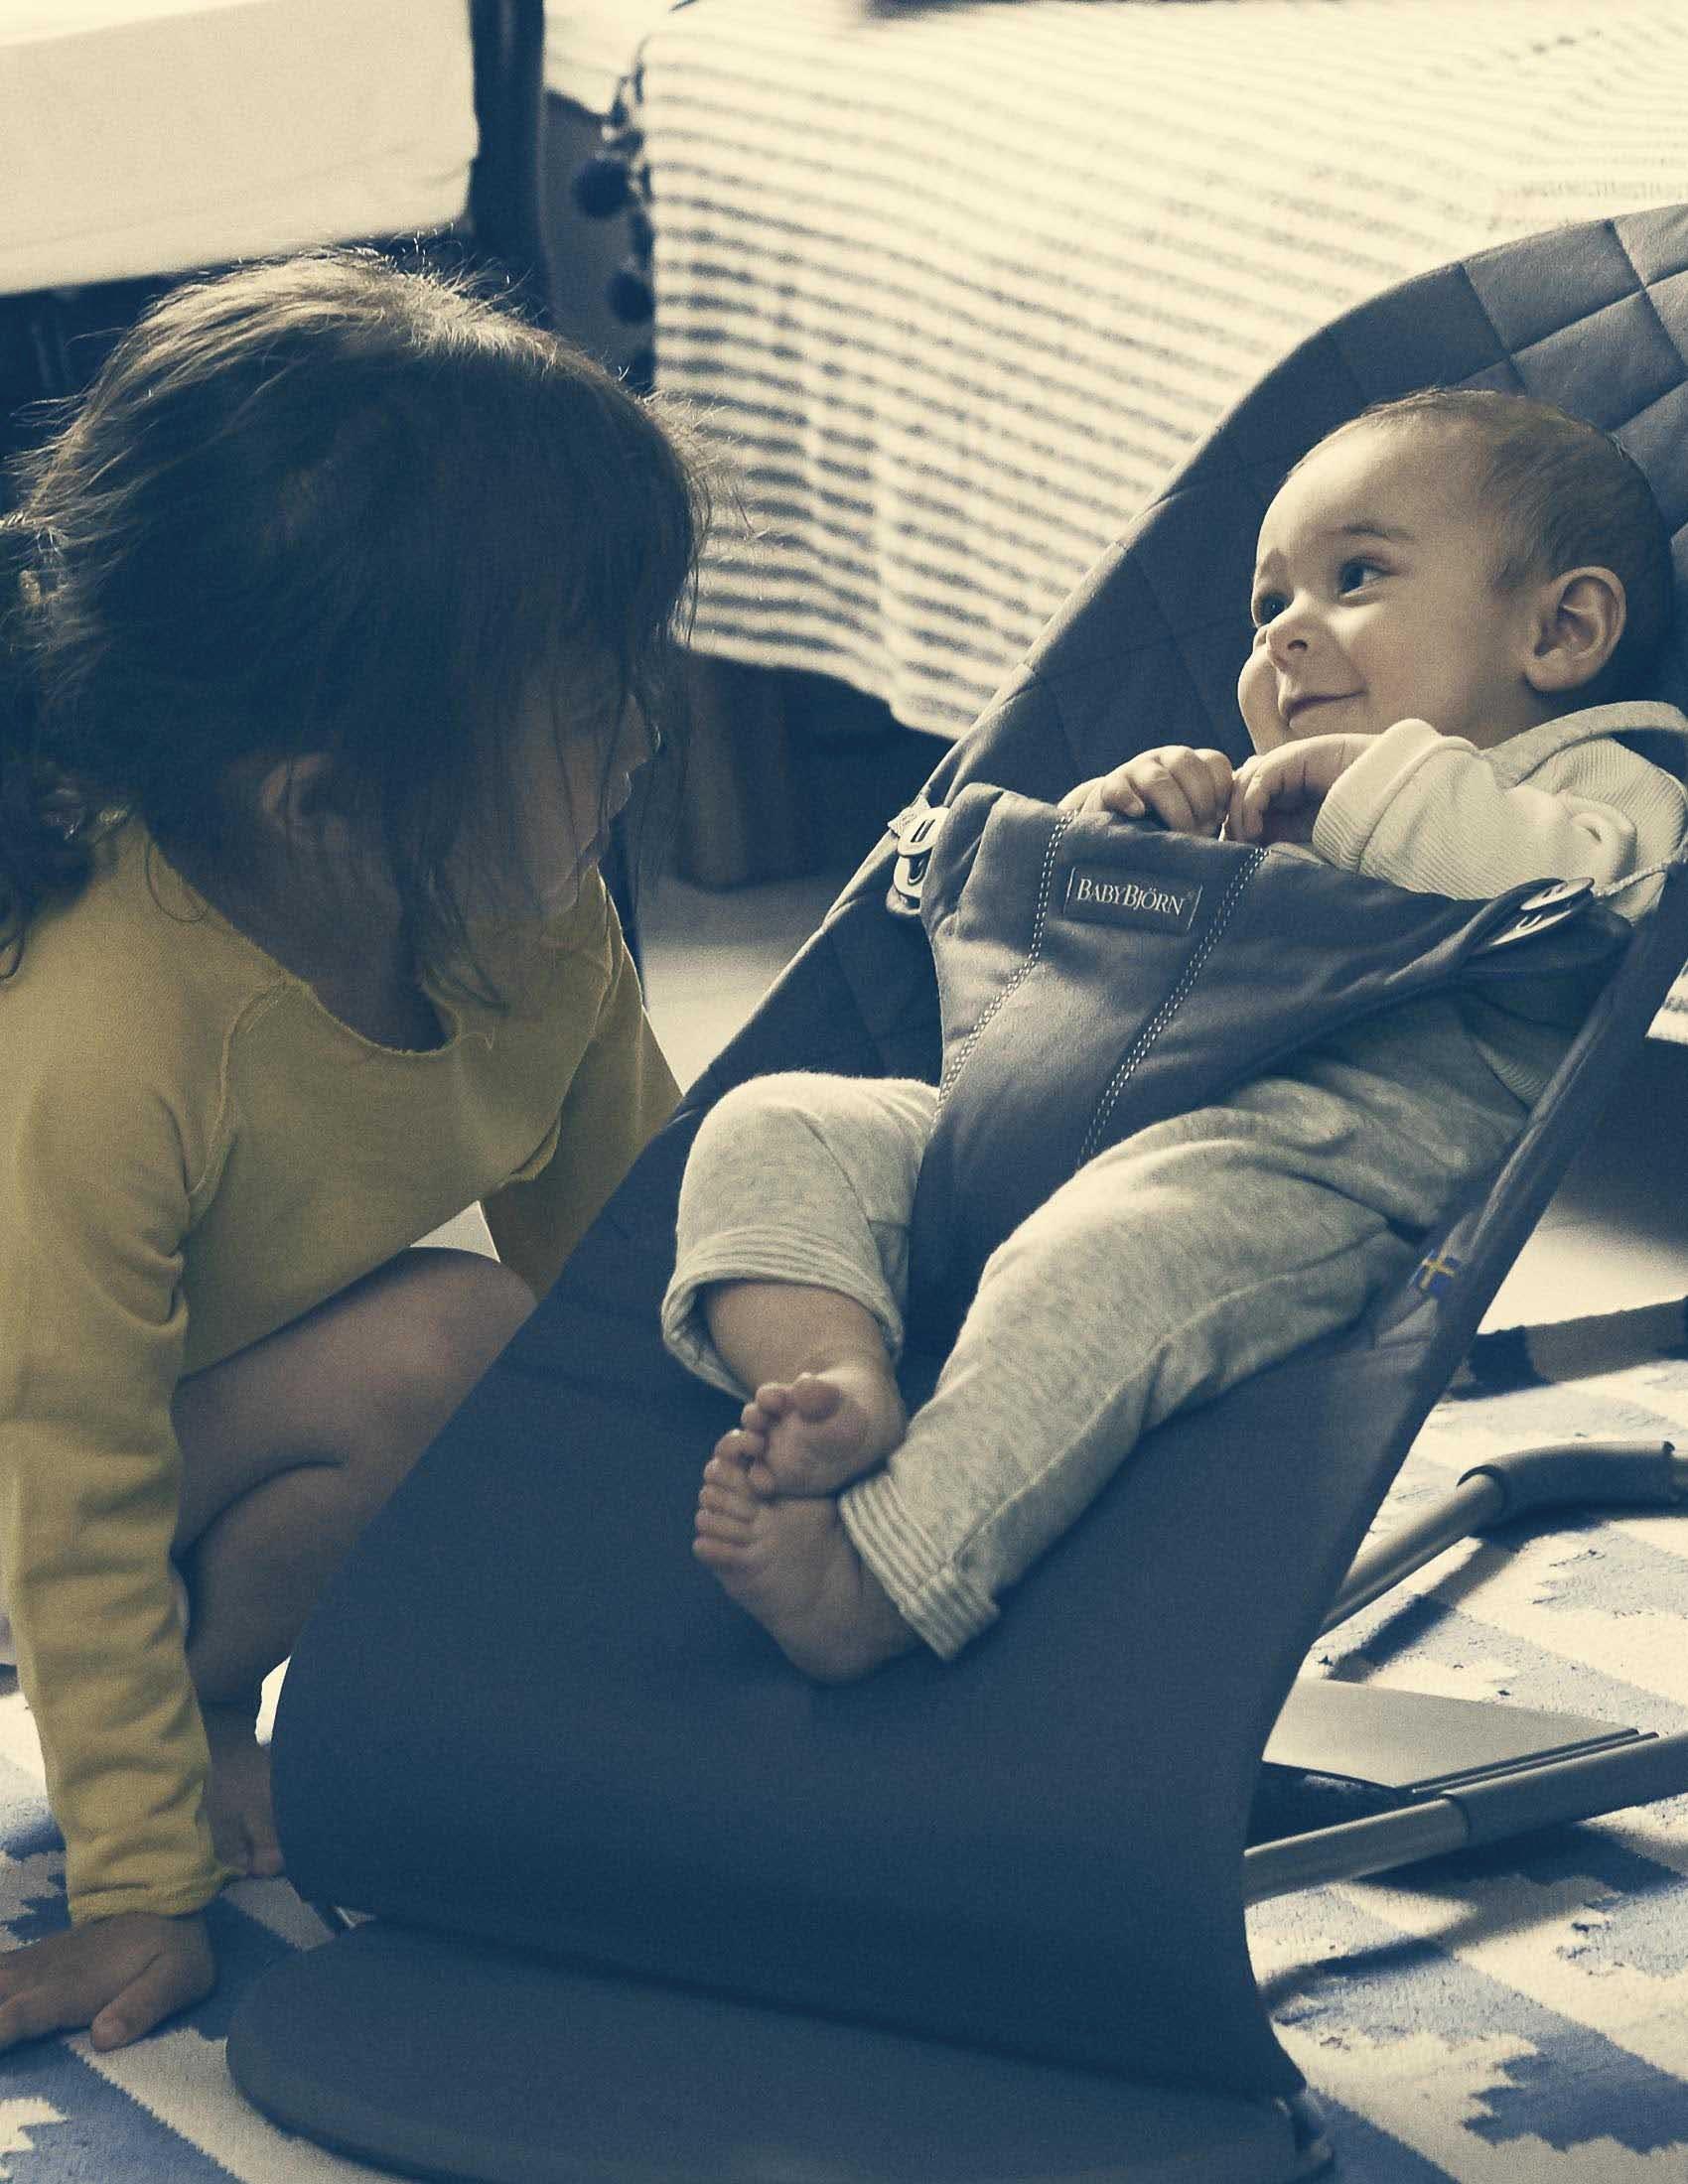 Un bébé se repose dans un siège sauteur Bliss de BABYBJÖRN et est diverti par sa grande sœur | BABYBJÖRN